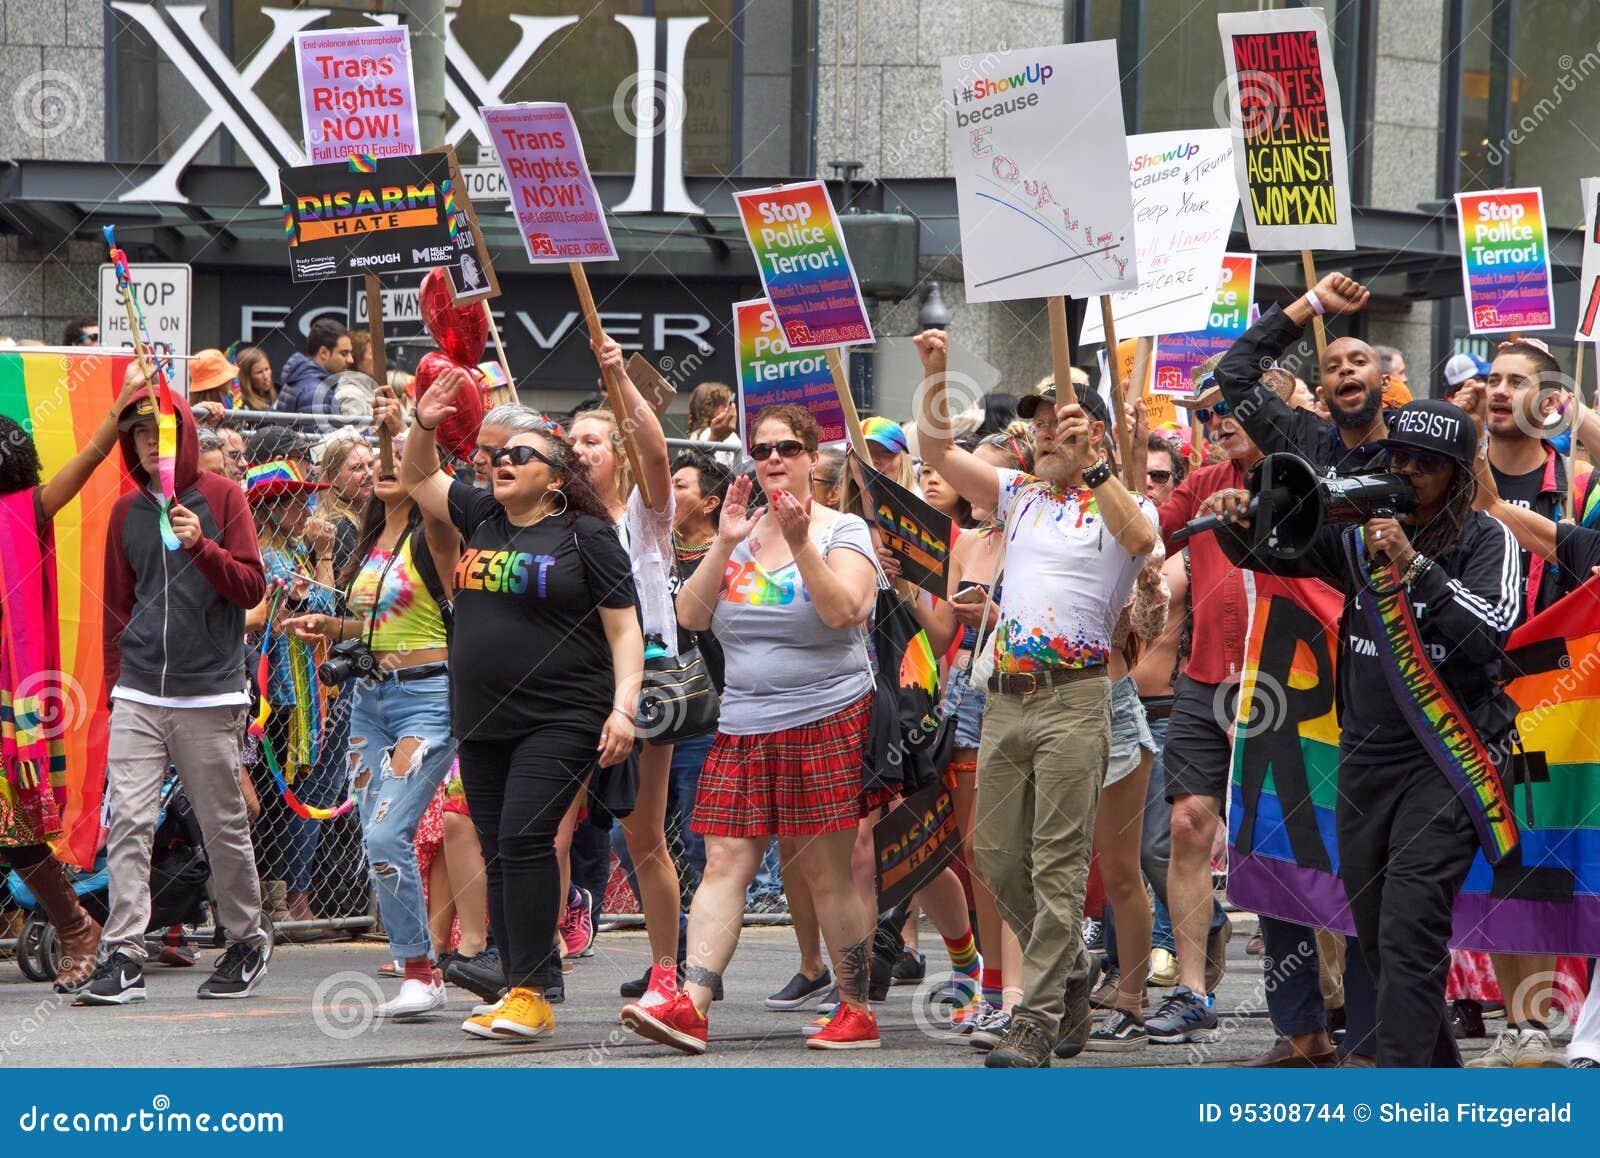 Gay Pride Parade In San Francisco - Lesbian Gay Band